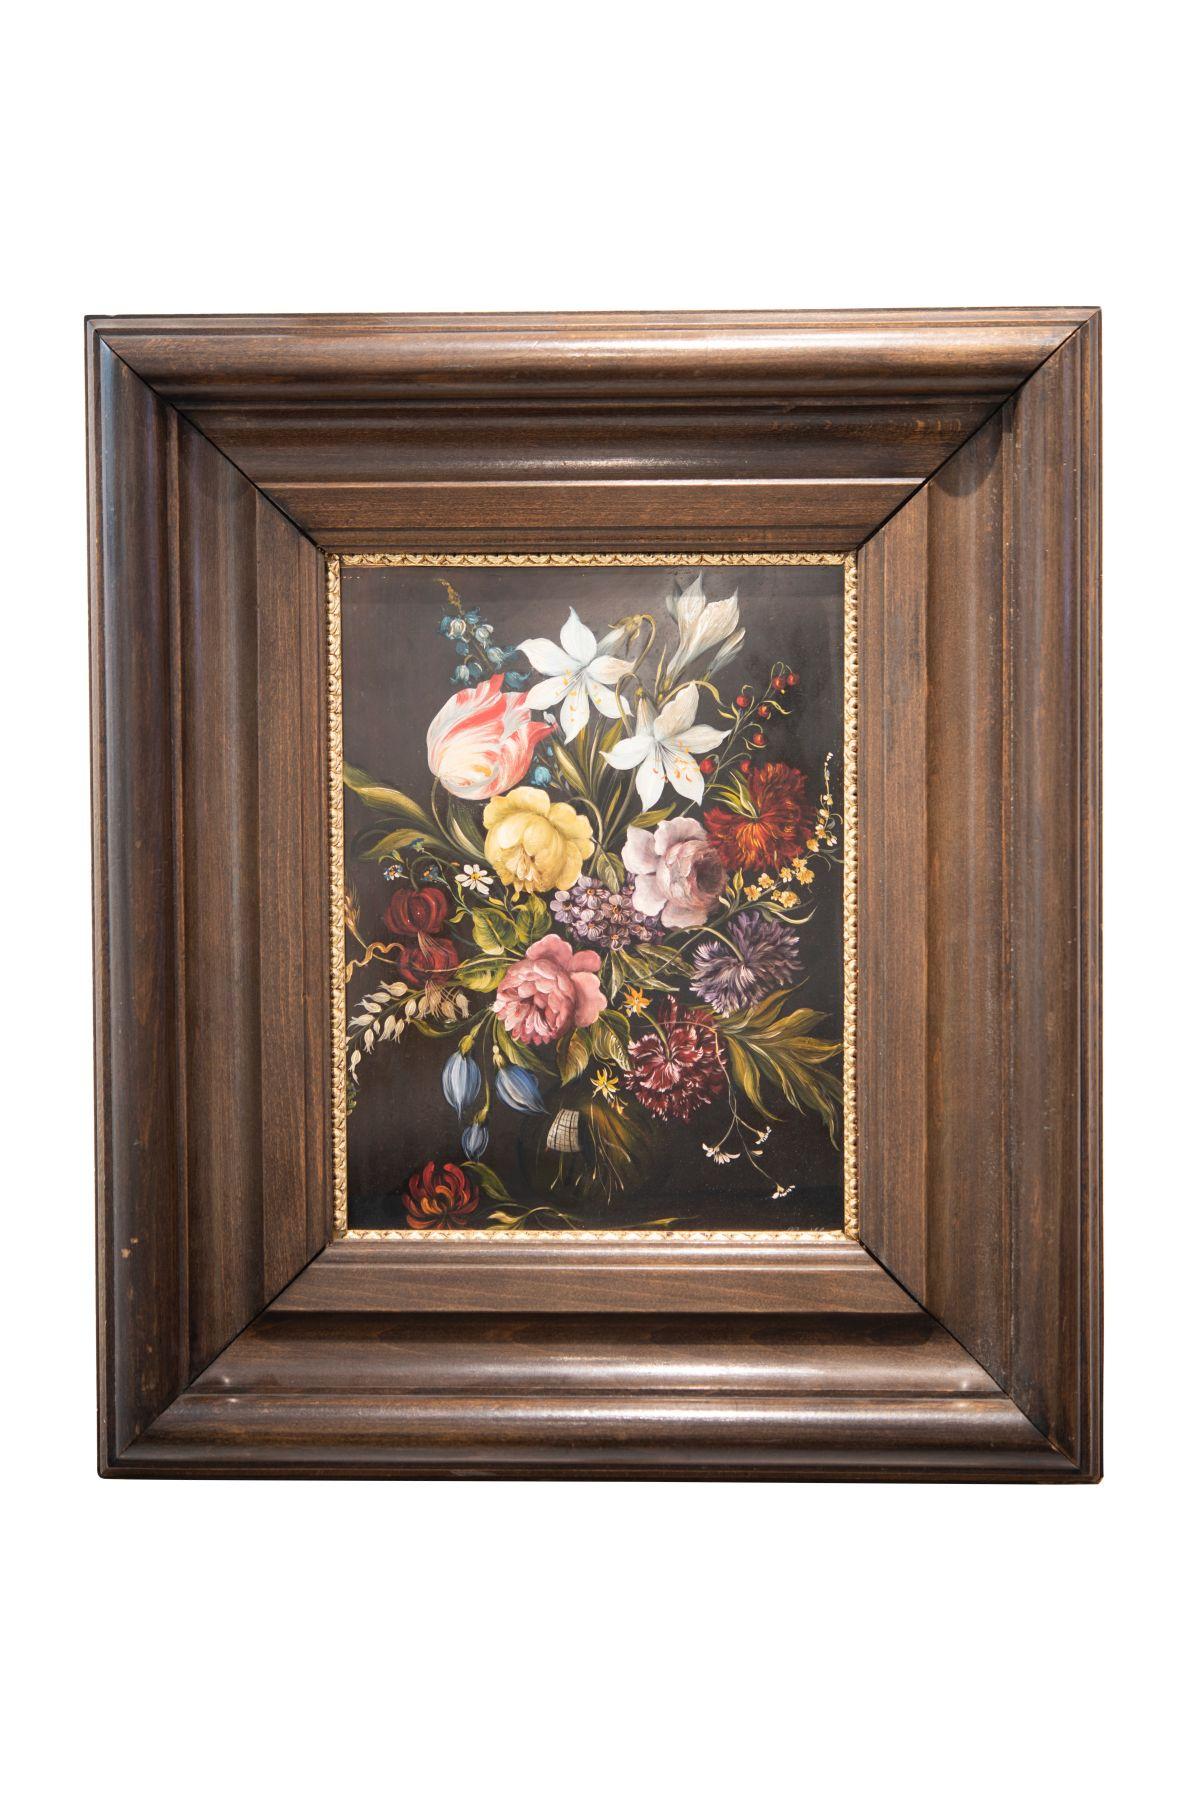 #107 Flower Still Life, 20th C. | Blumenstillleben, 20. Jh. Image